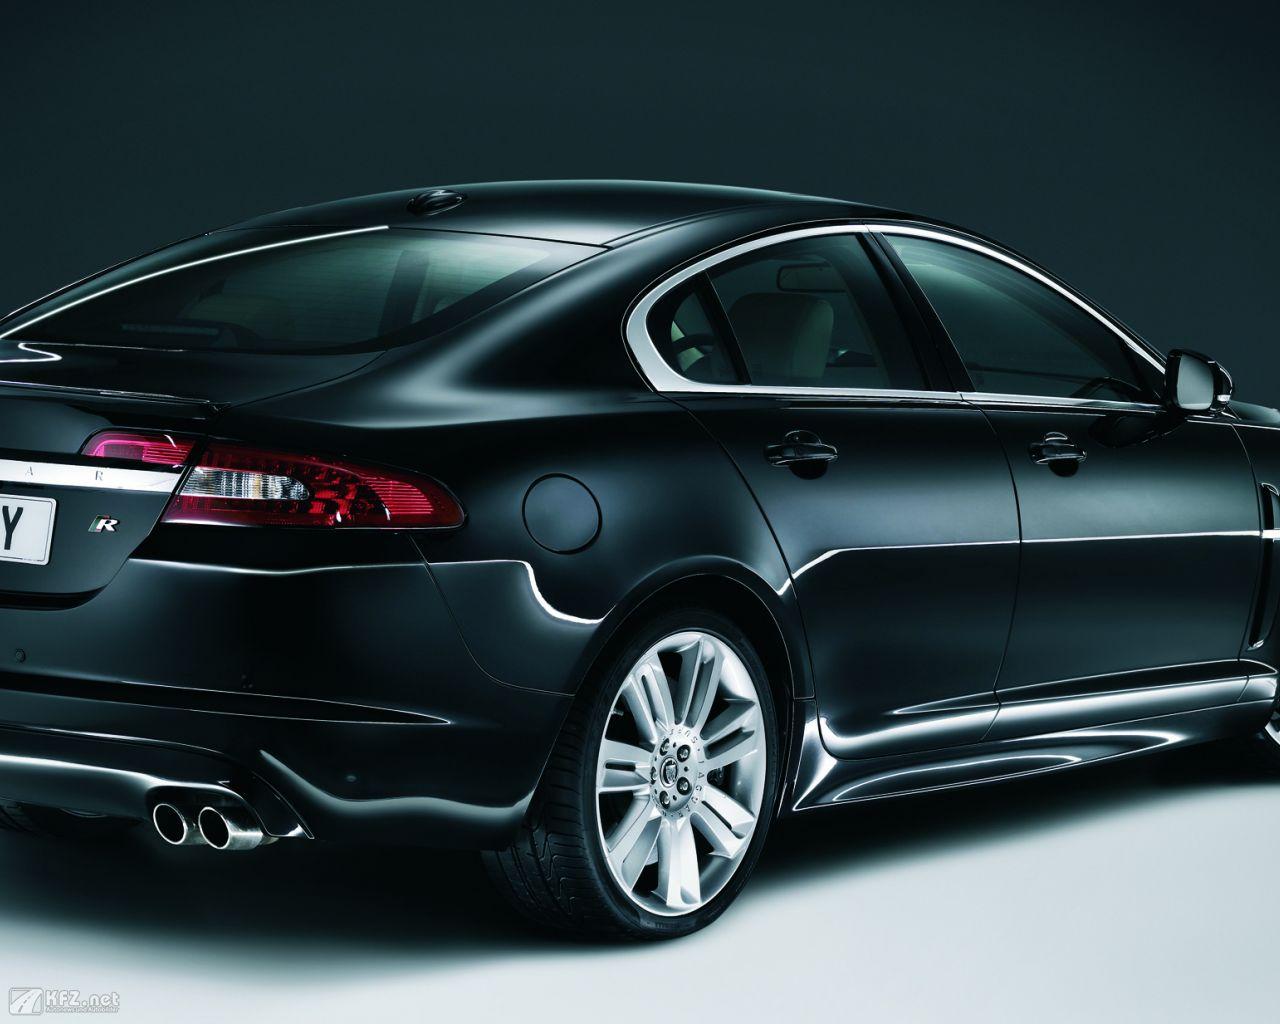 jaguar-xf-1280x1024-41